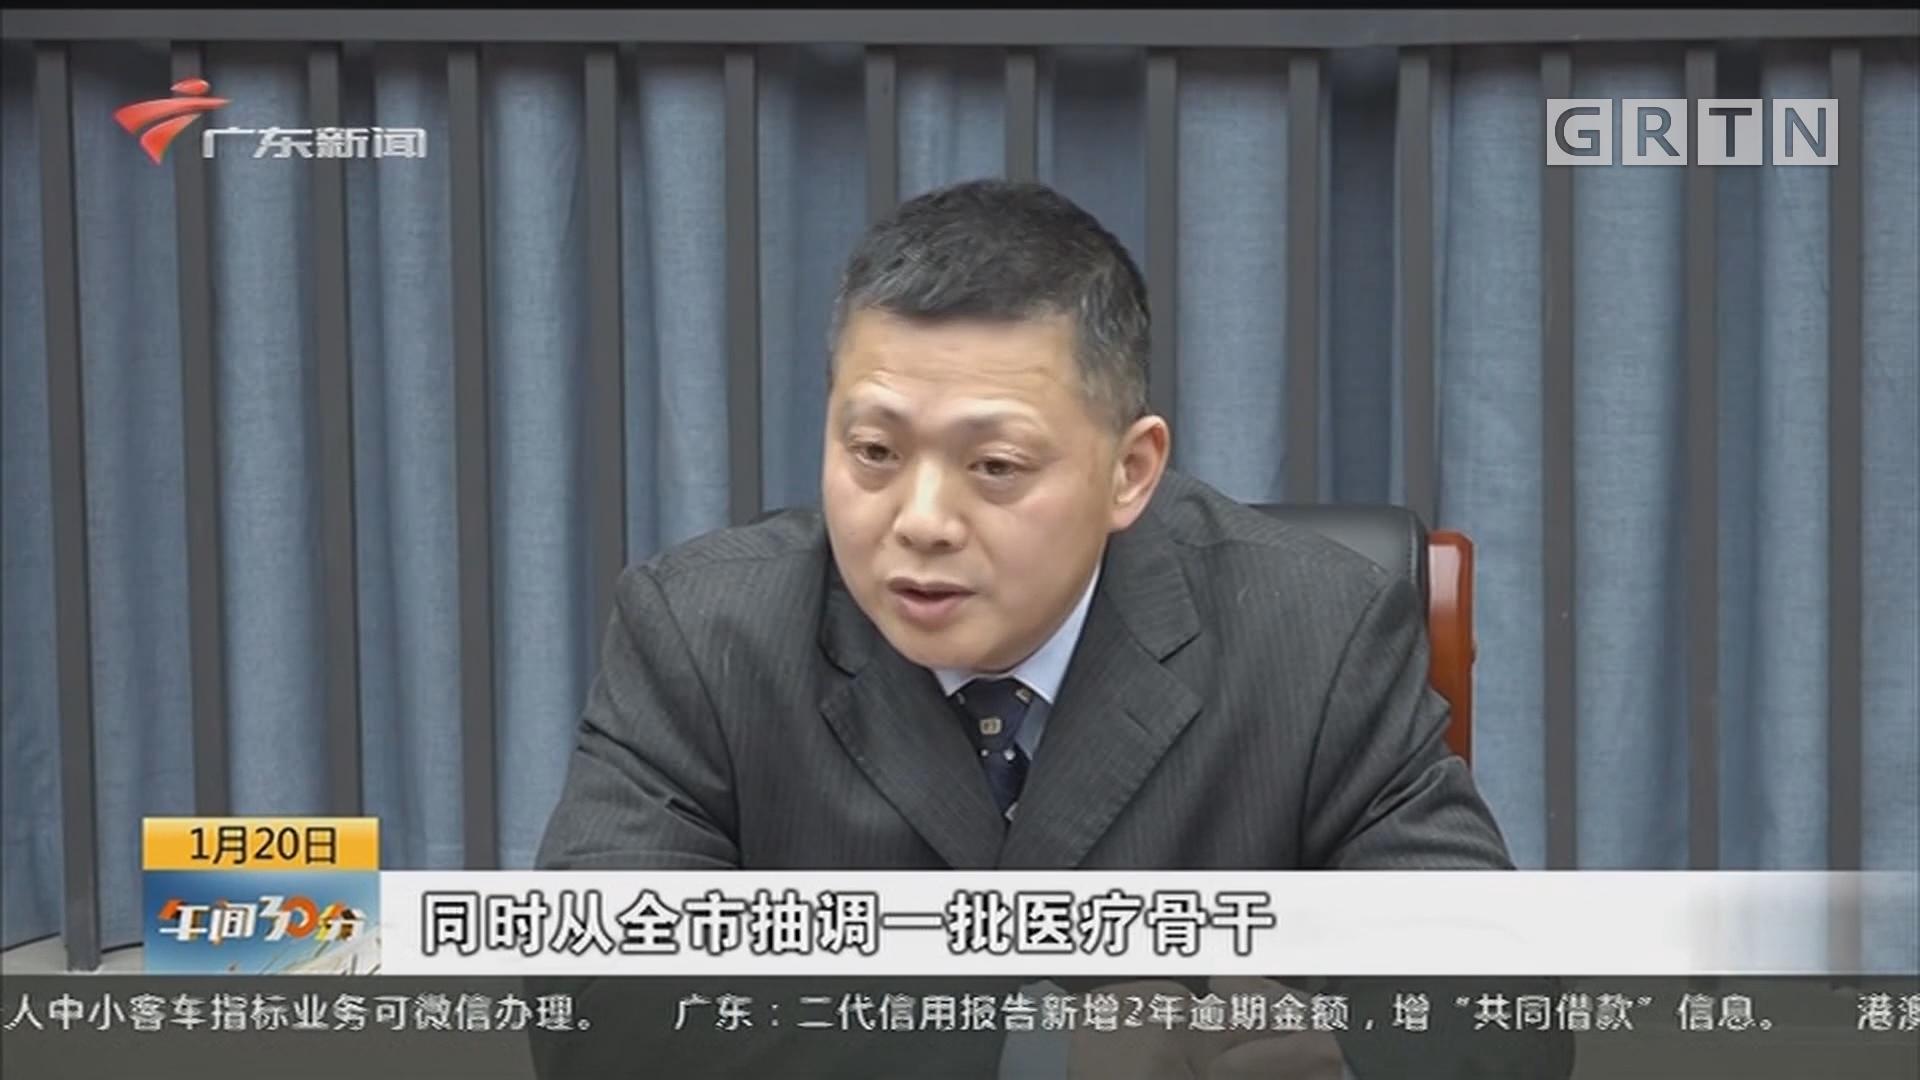 中新社:武汉就新型冠状病毒感染的肺炎综合防控答记者问